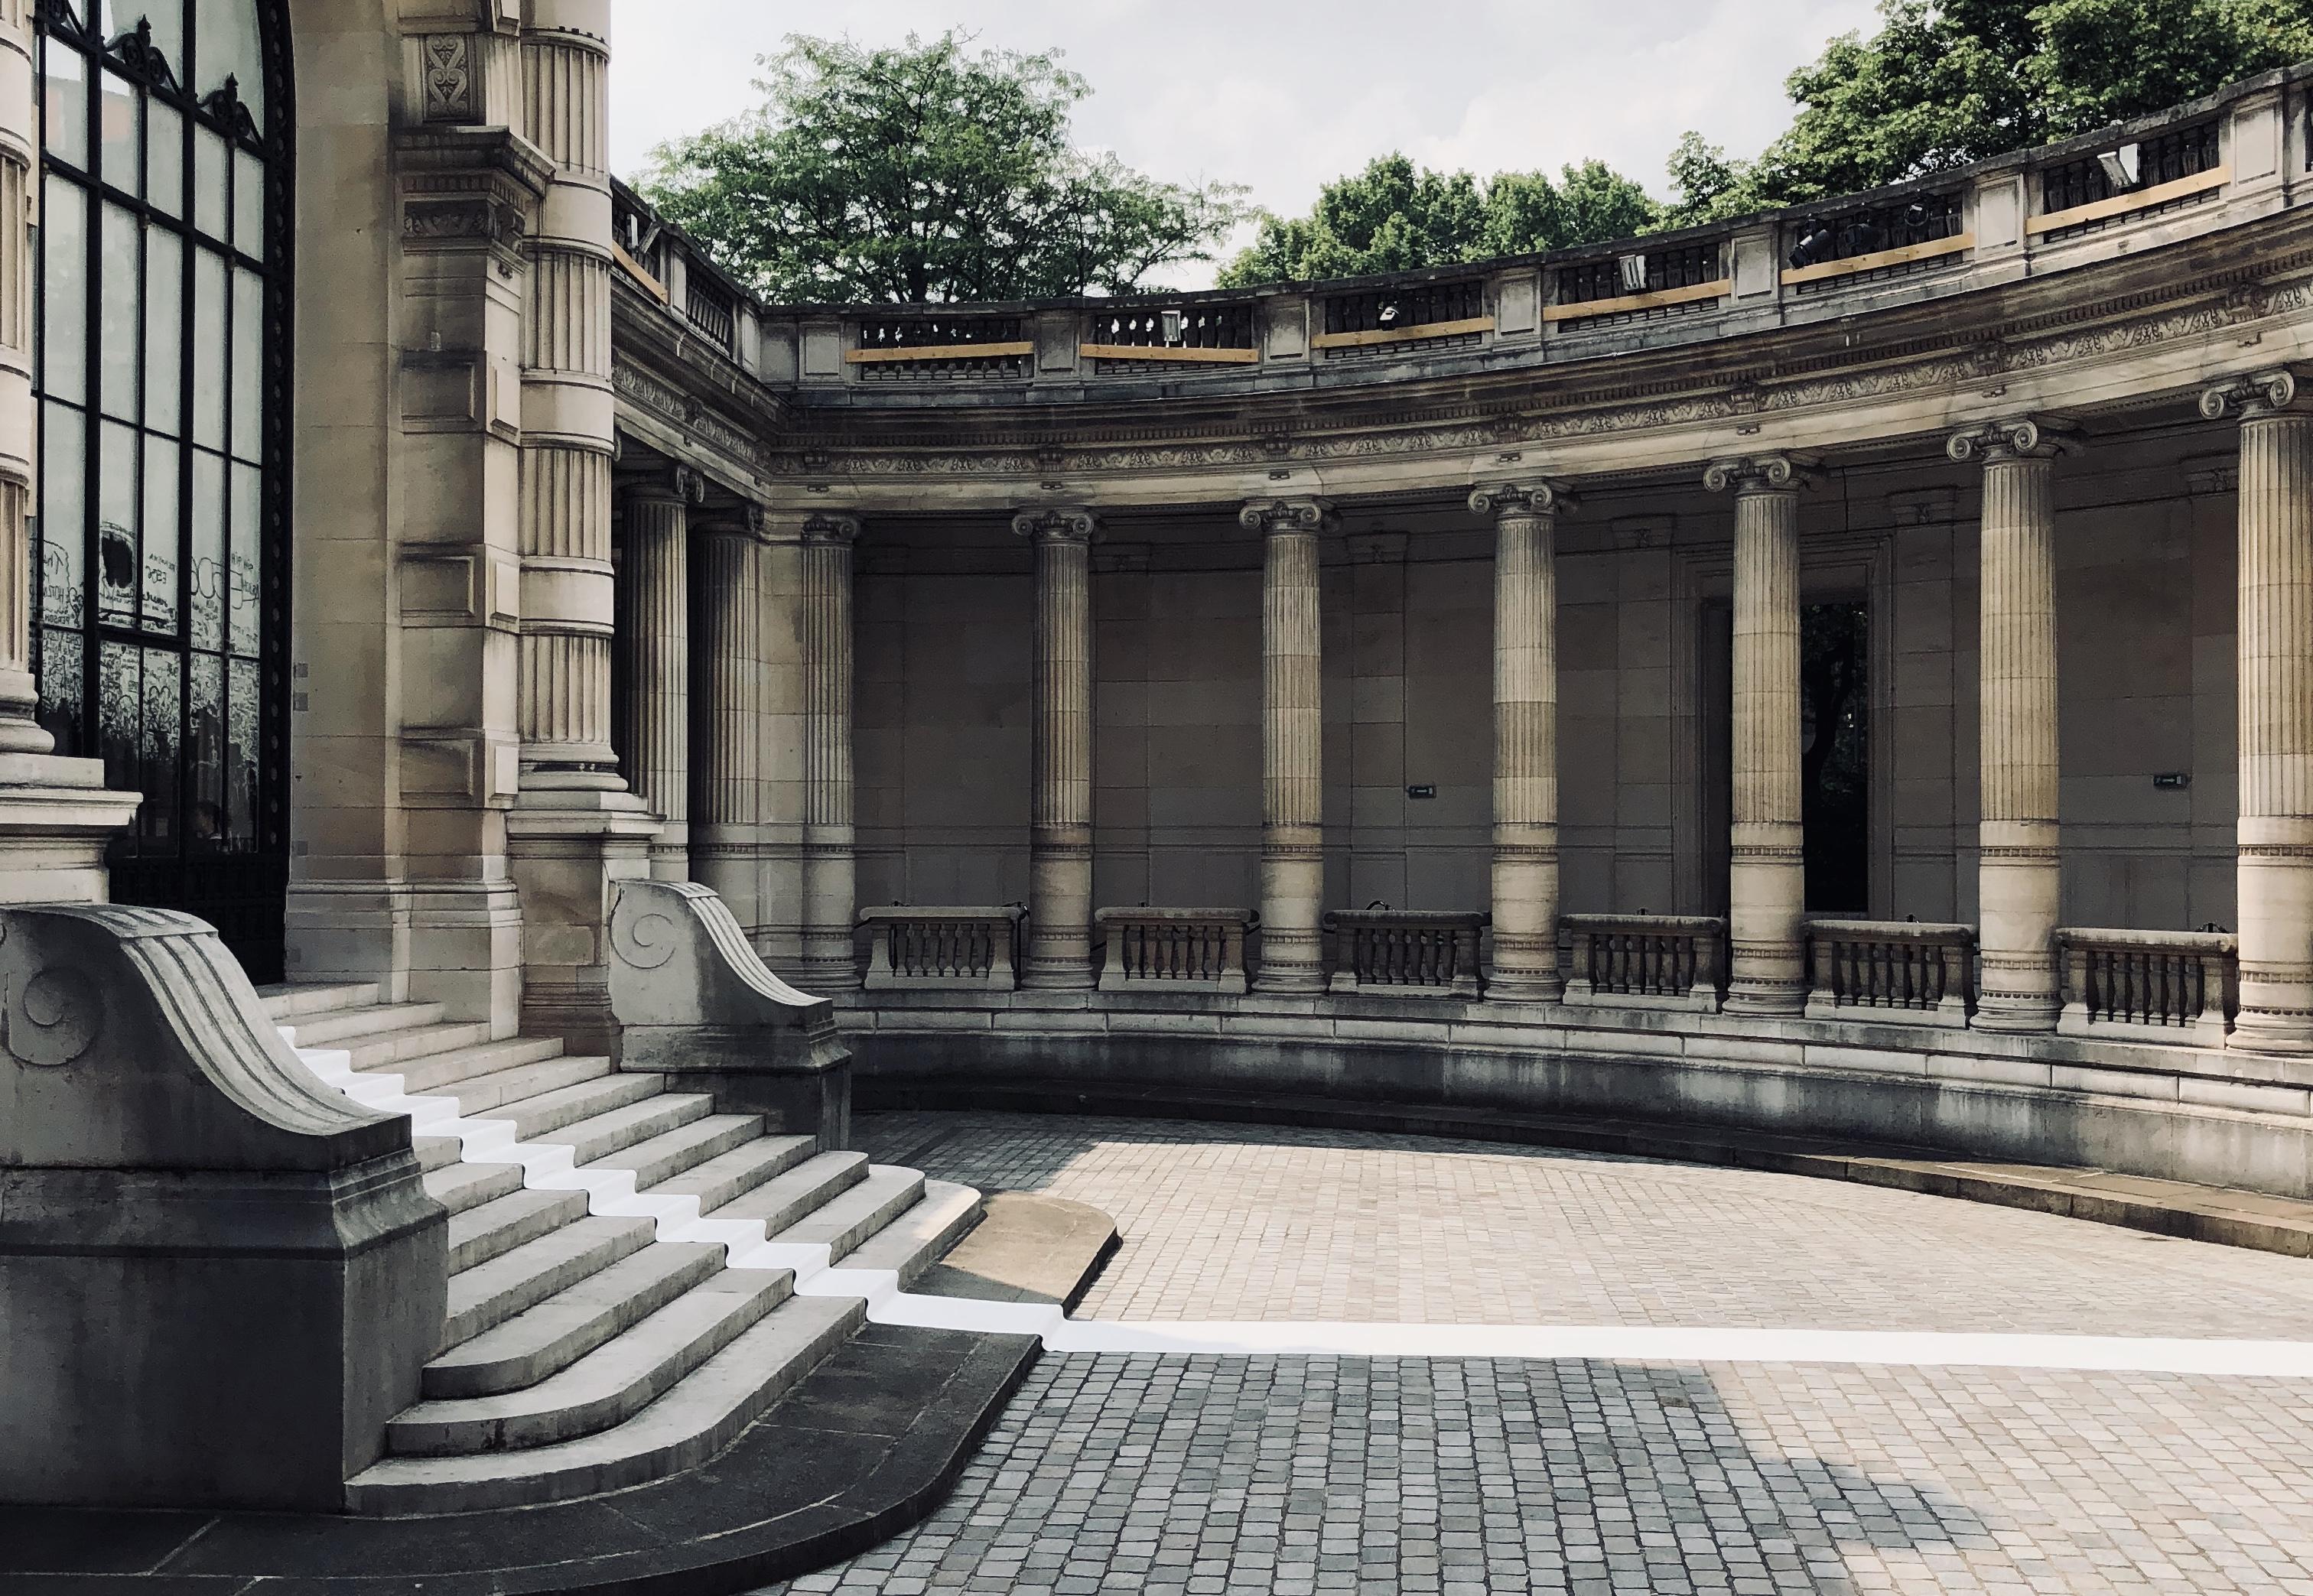 o tapete branco extendido na frente da entrada